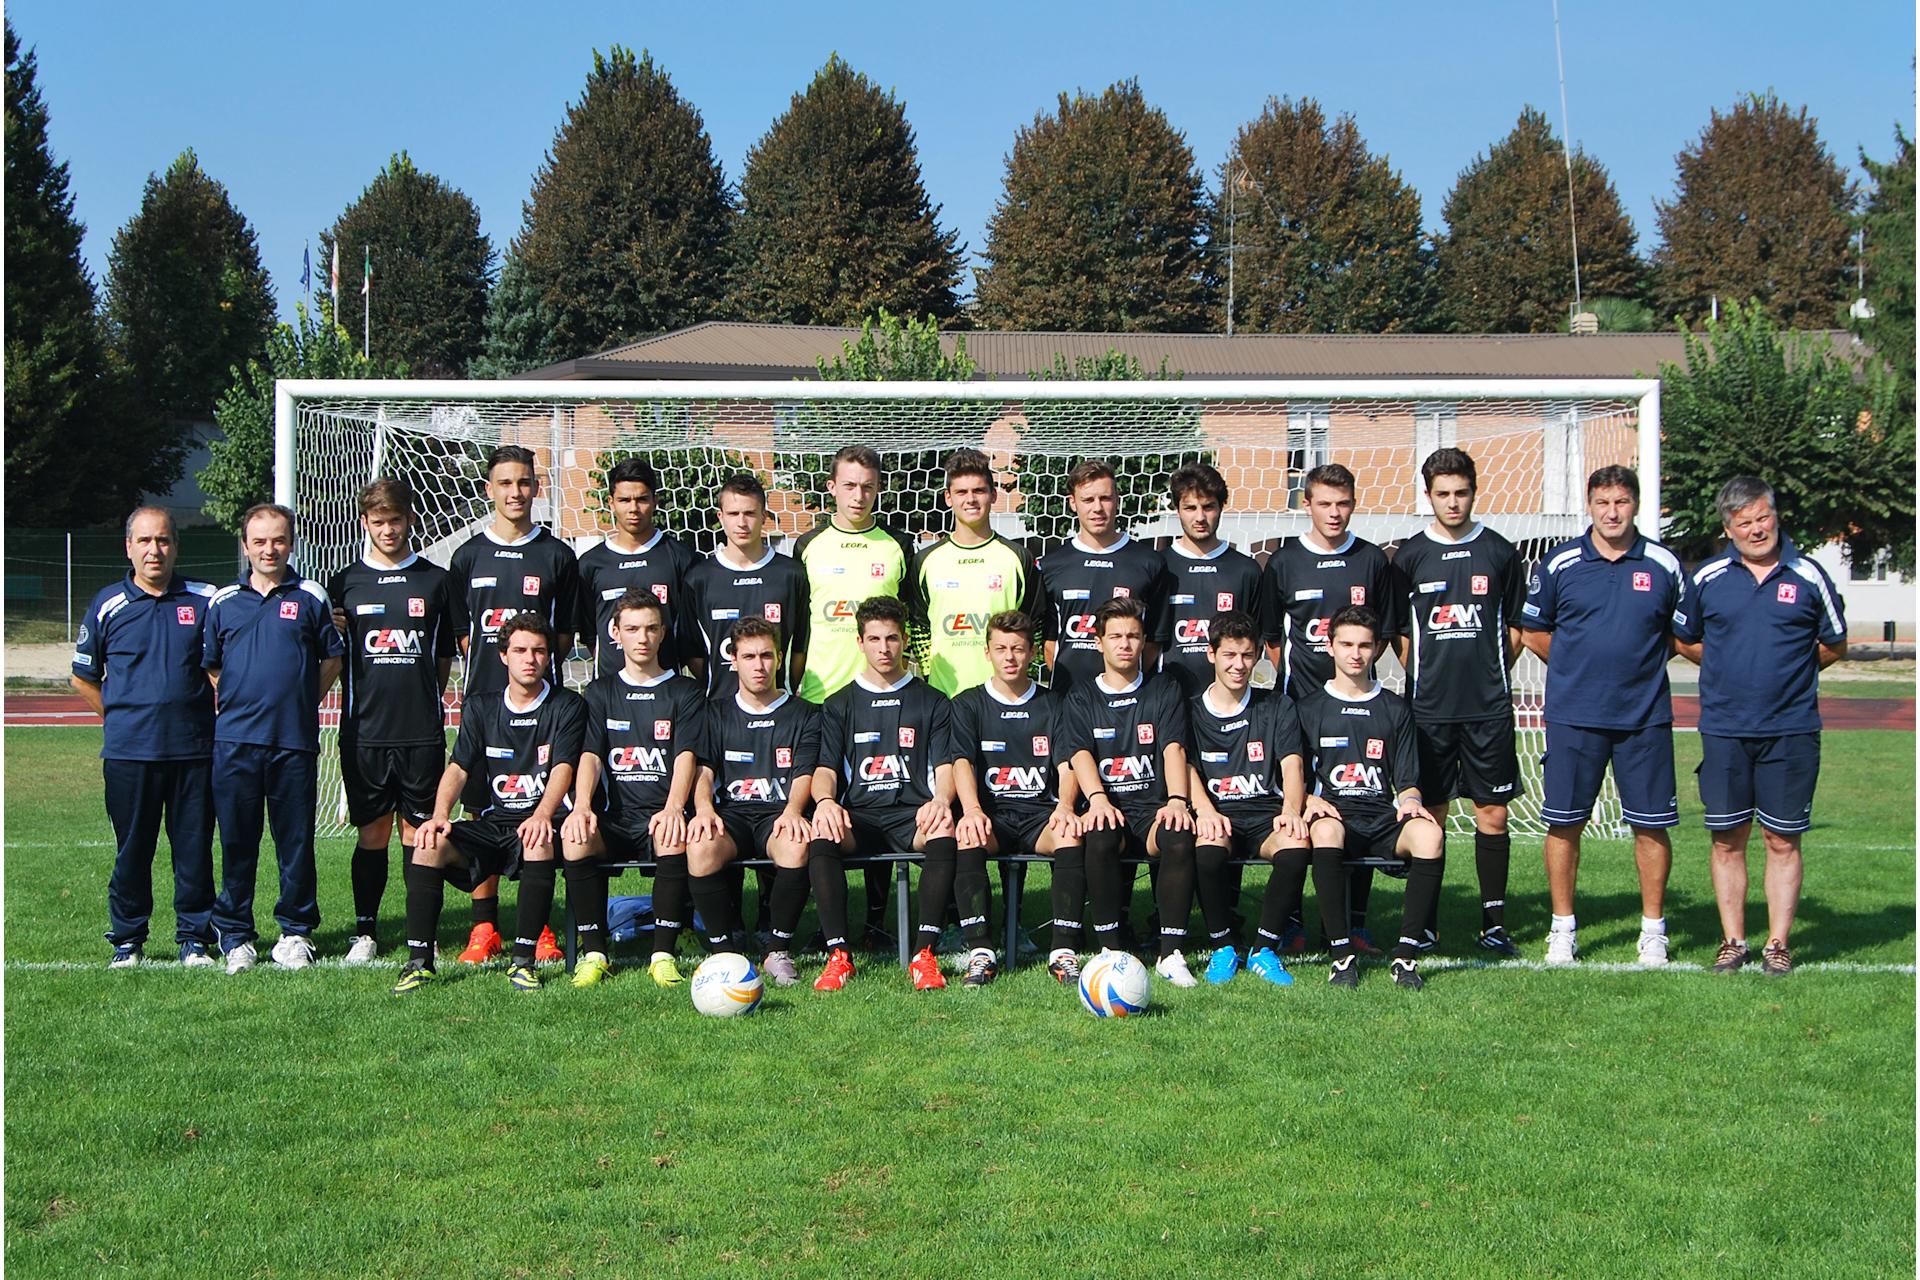 Juniores Regionale: Cantù Sanpaolo 2 – Oggiono 1